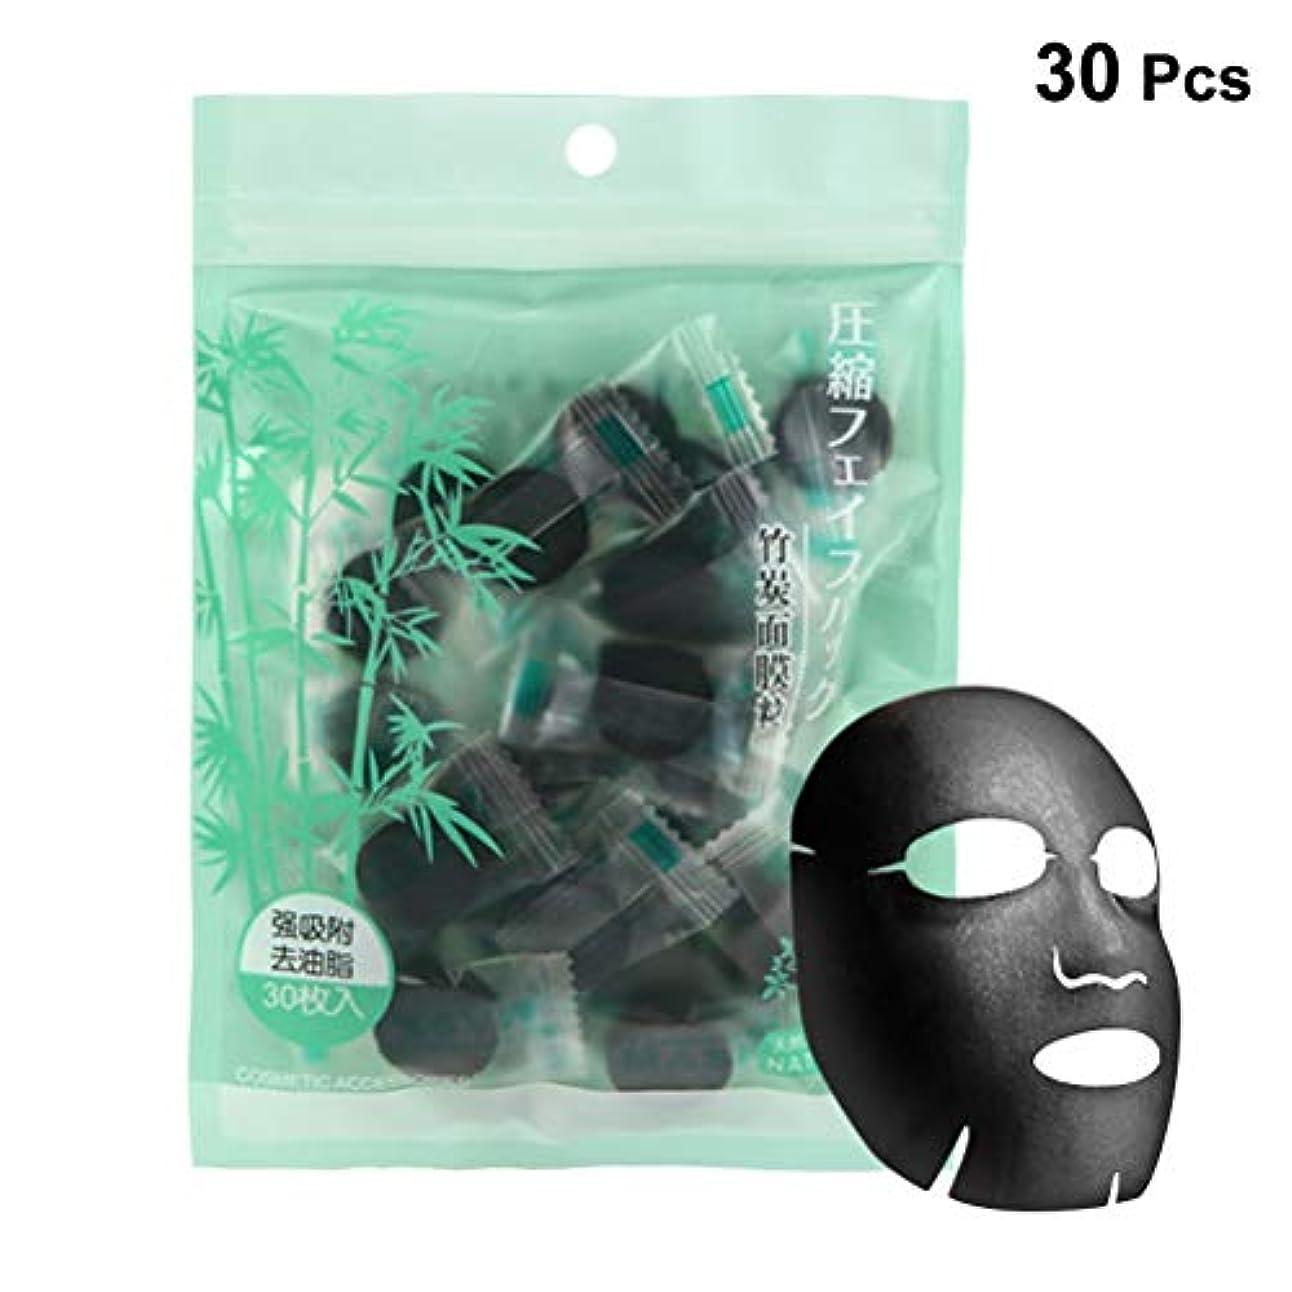 ストローこっそり人間h 圧縮フェイスマスクブラック使い捨てスキンフェイスケアDIYフェイシャルマスク30ピース